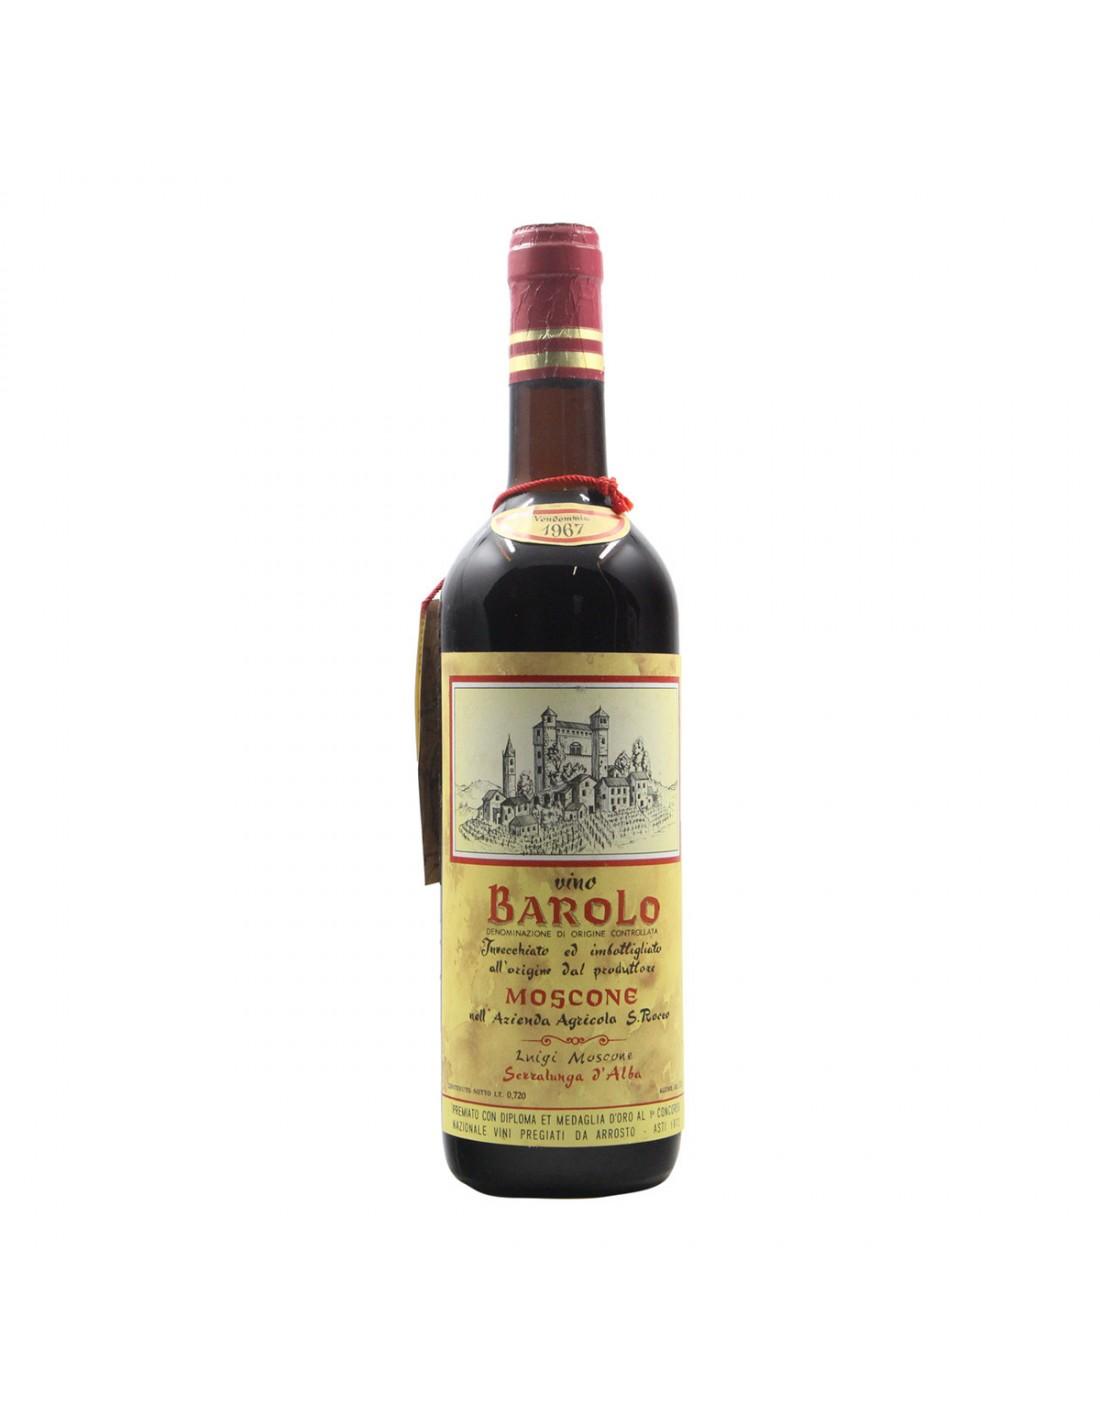 BAROLO 1967 MOSCONE Grandi Bottiglie